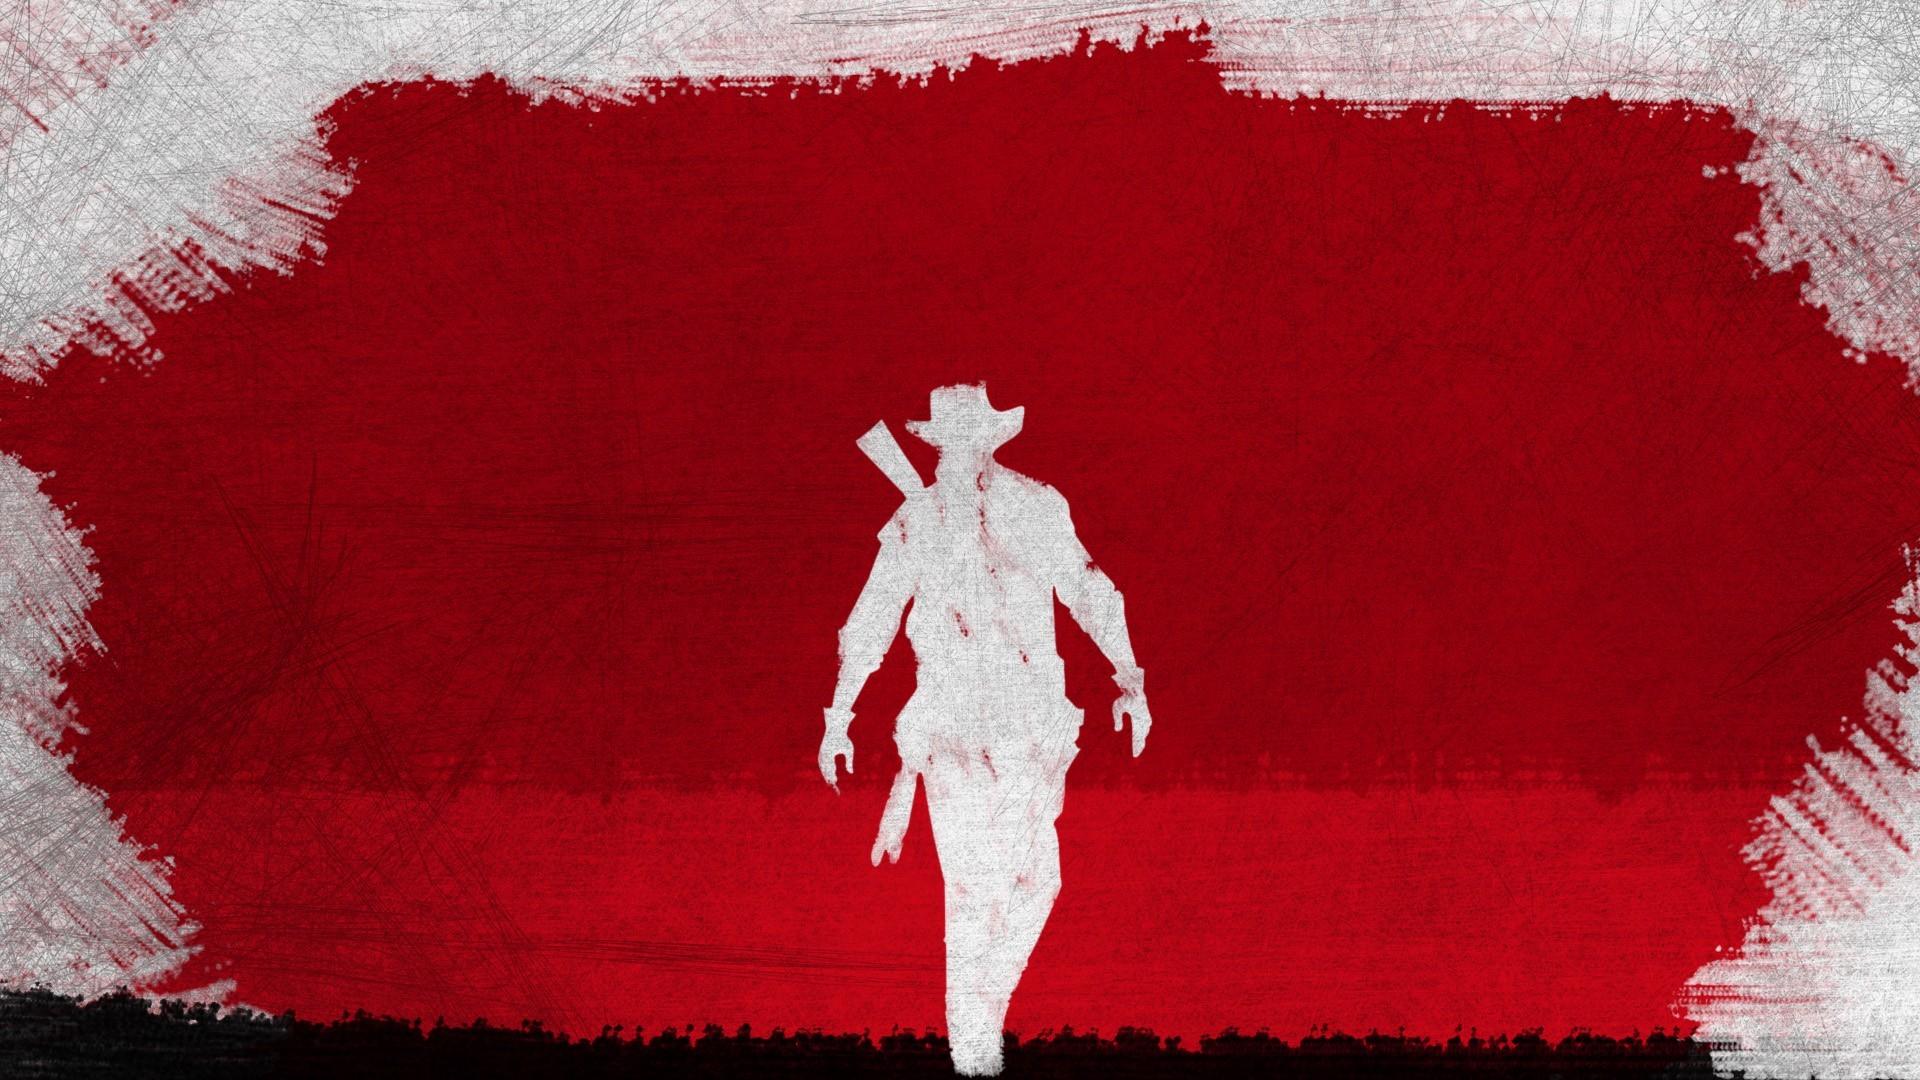 … Django Unchained 1080p Wallpaper